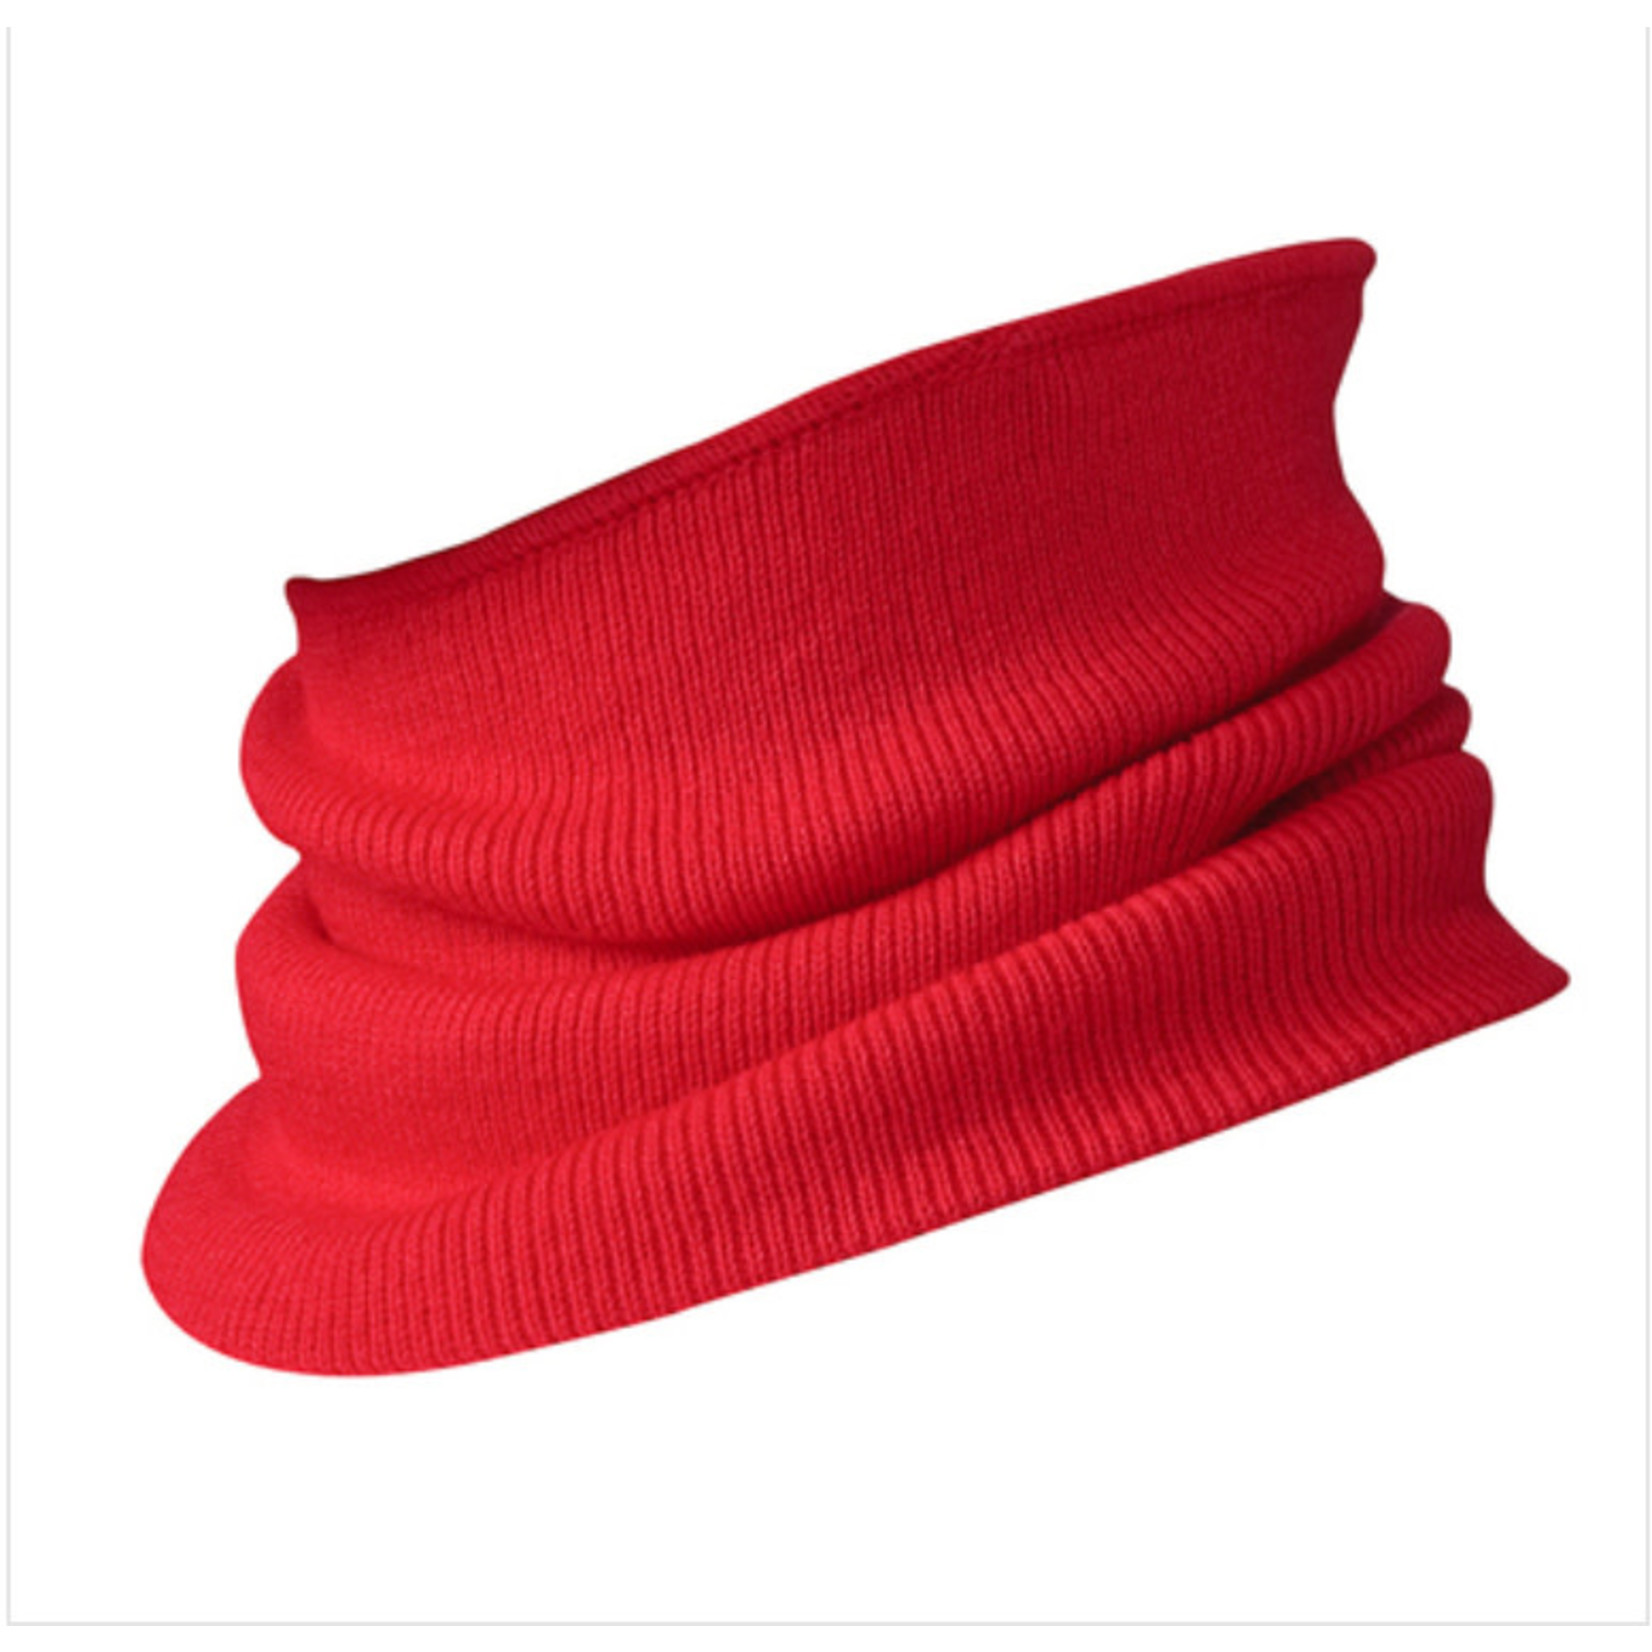 Pioneer Pioneer Neckwarmer Red One Size 562